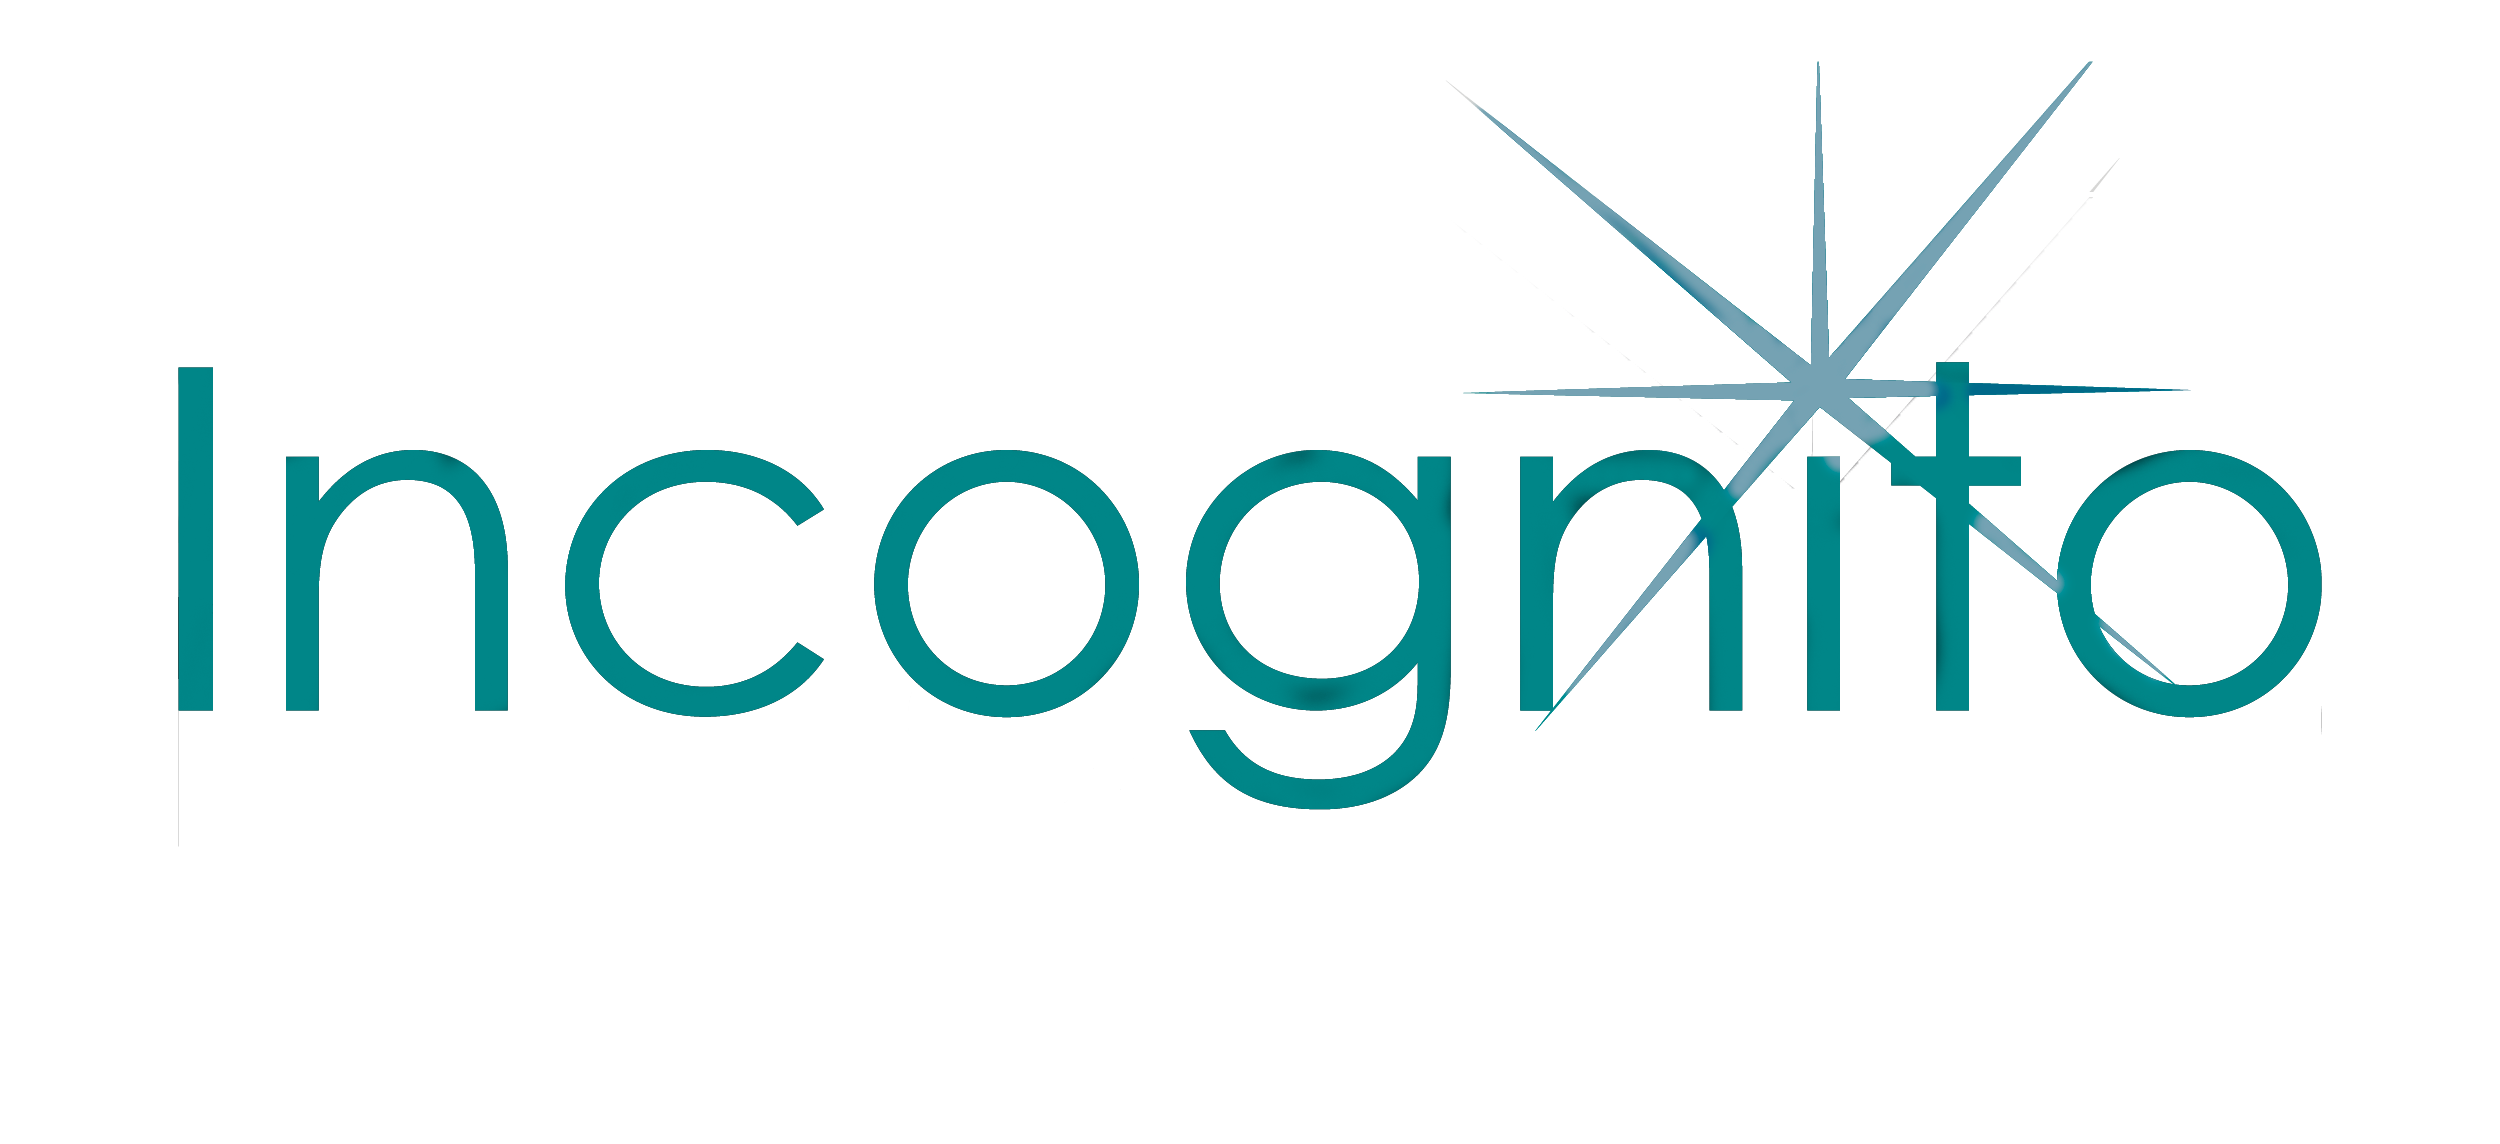 Incognito Studio